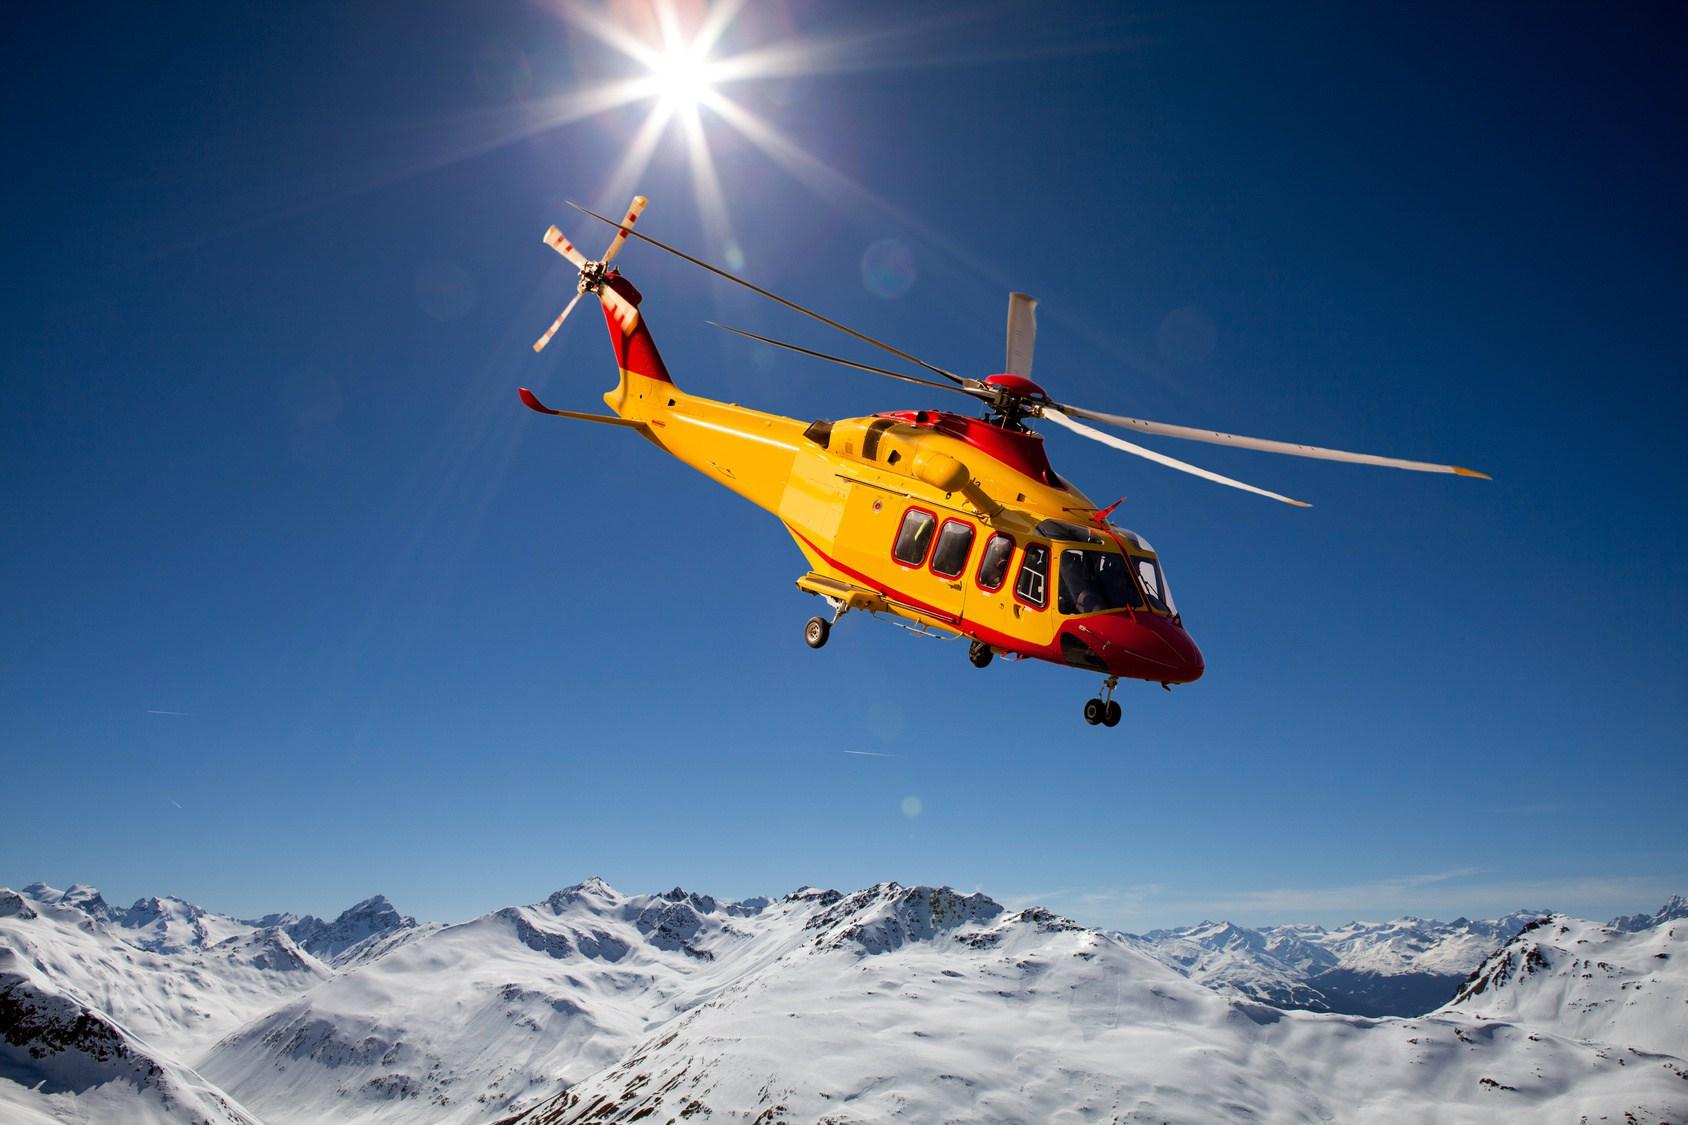 Monte Rosa, muoiono 3 alpinisti svizzeri: volo di 800 metri